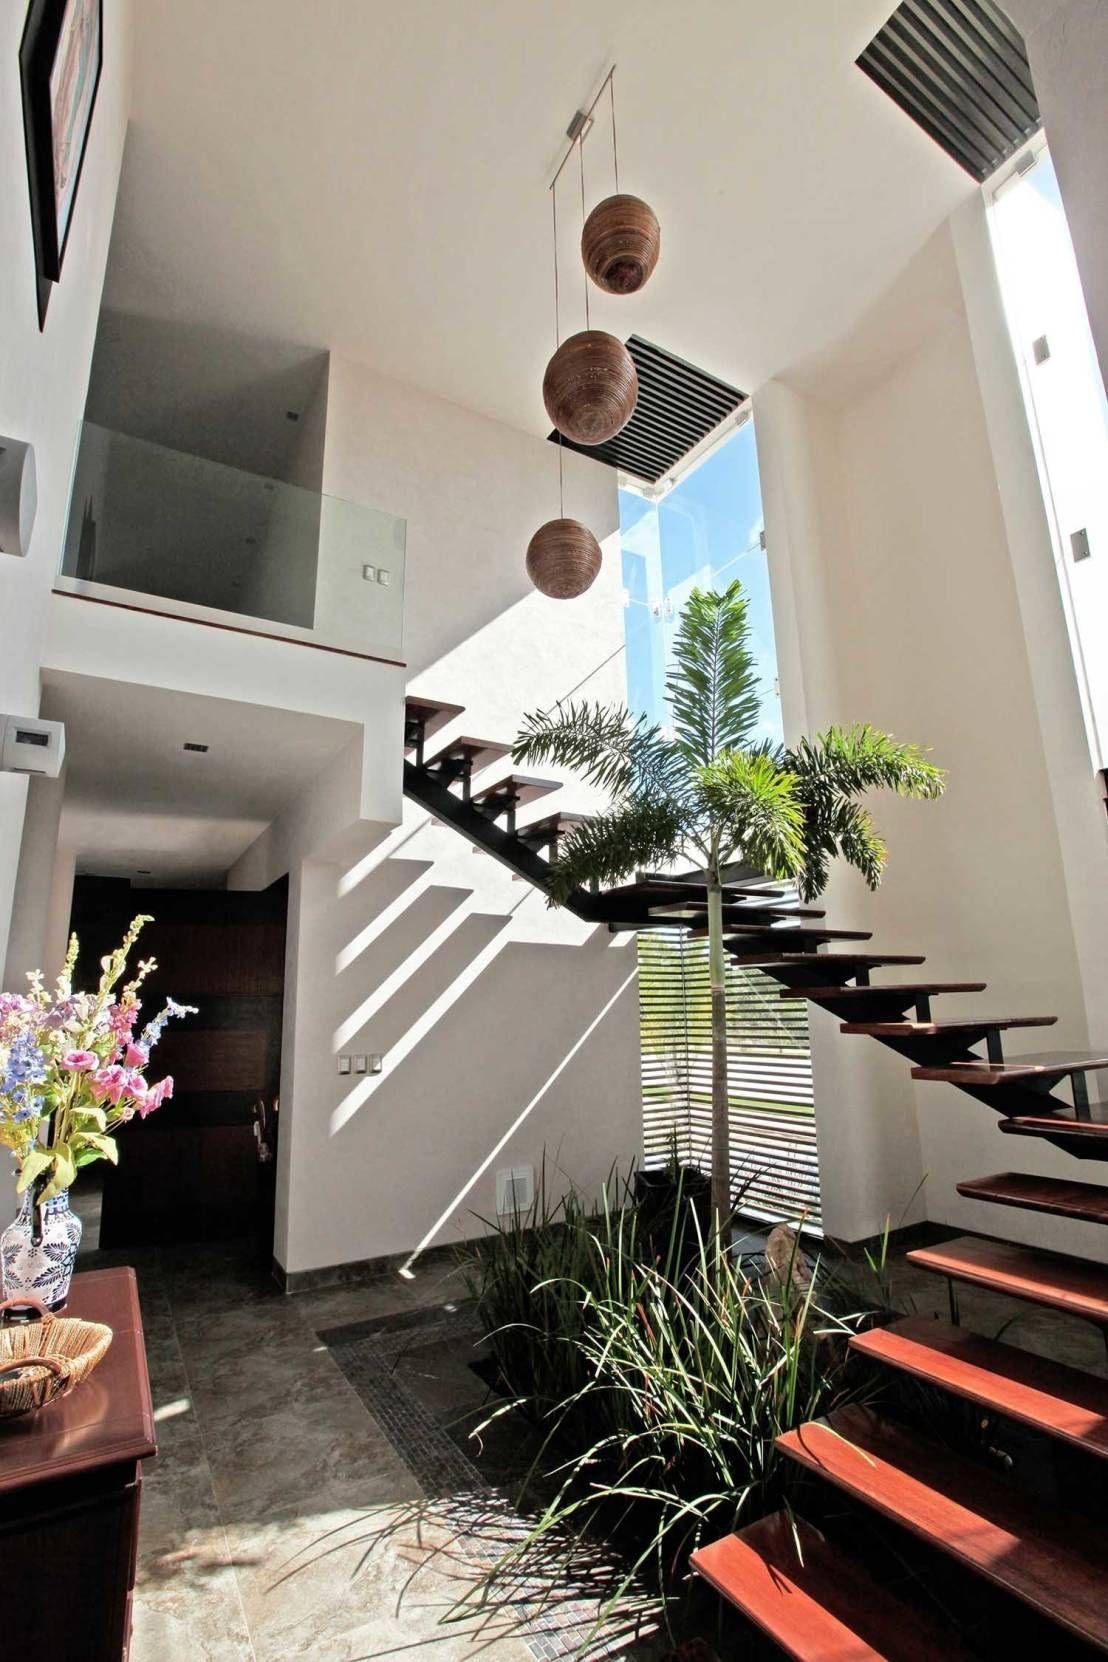 Jardines bajo la escalera 10 ideas extraordinarias - Escaleras para jardin ...